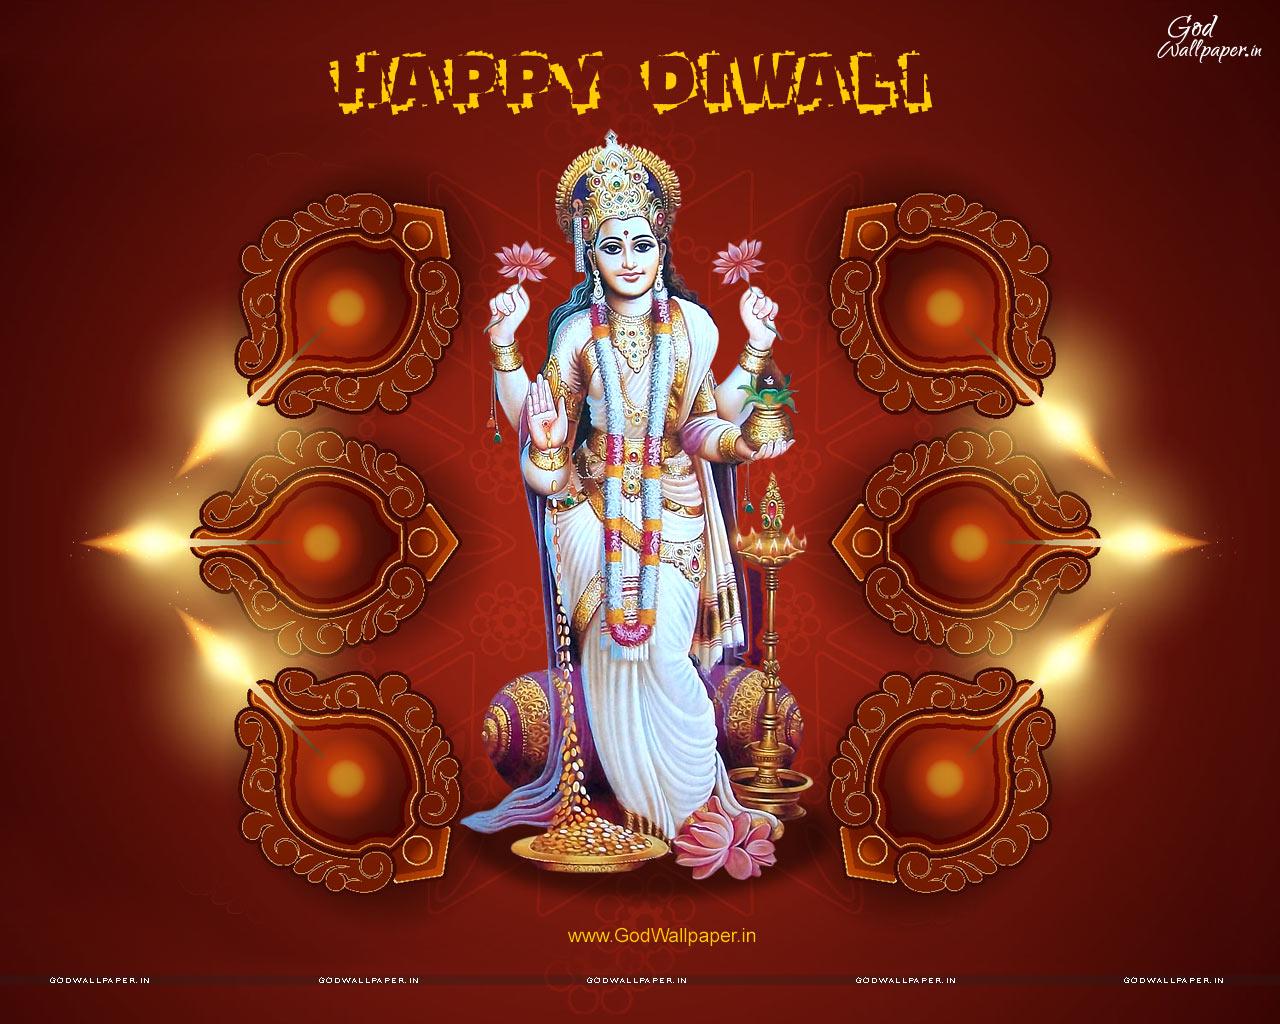 Diwali Wallpaper Desktop Full Screen Download